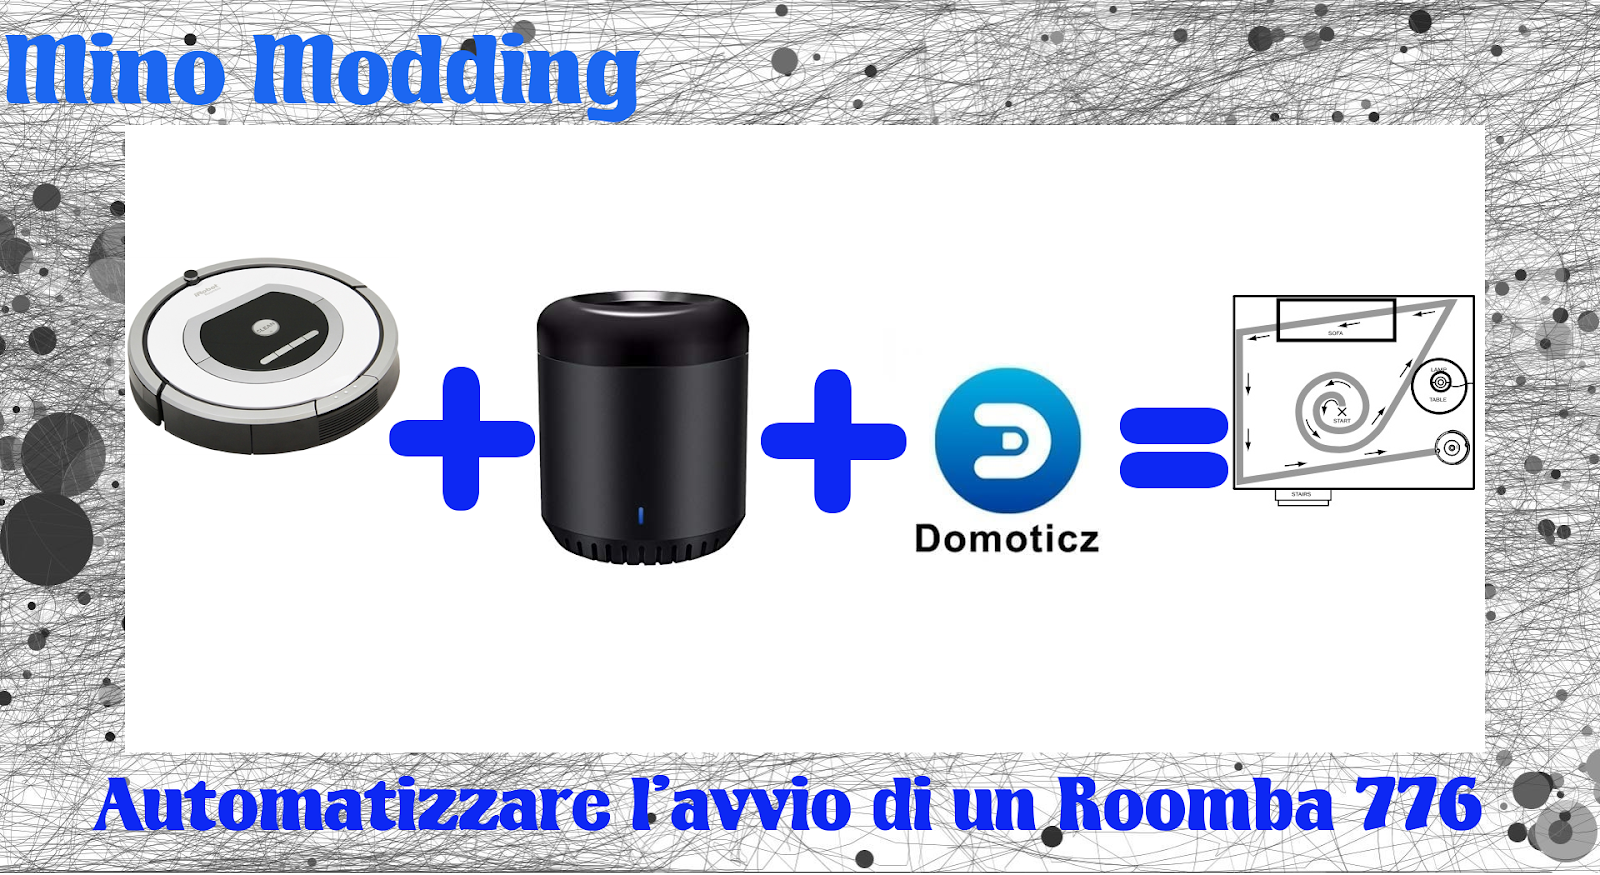 Mino Modding: Automatizzare l'avvio di un Roomba 776